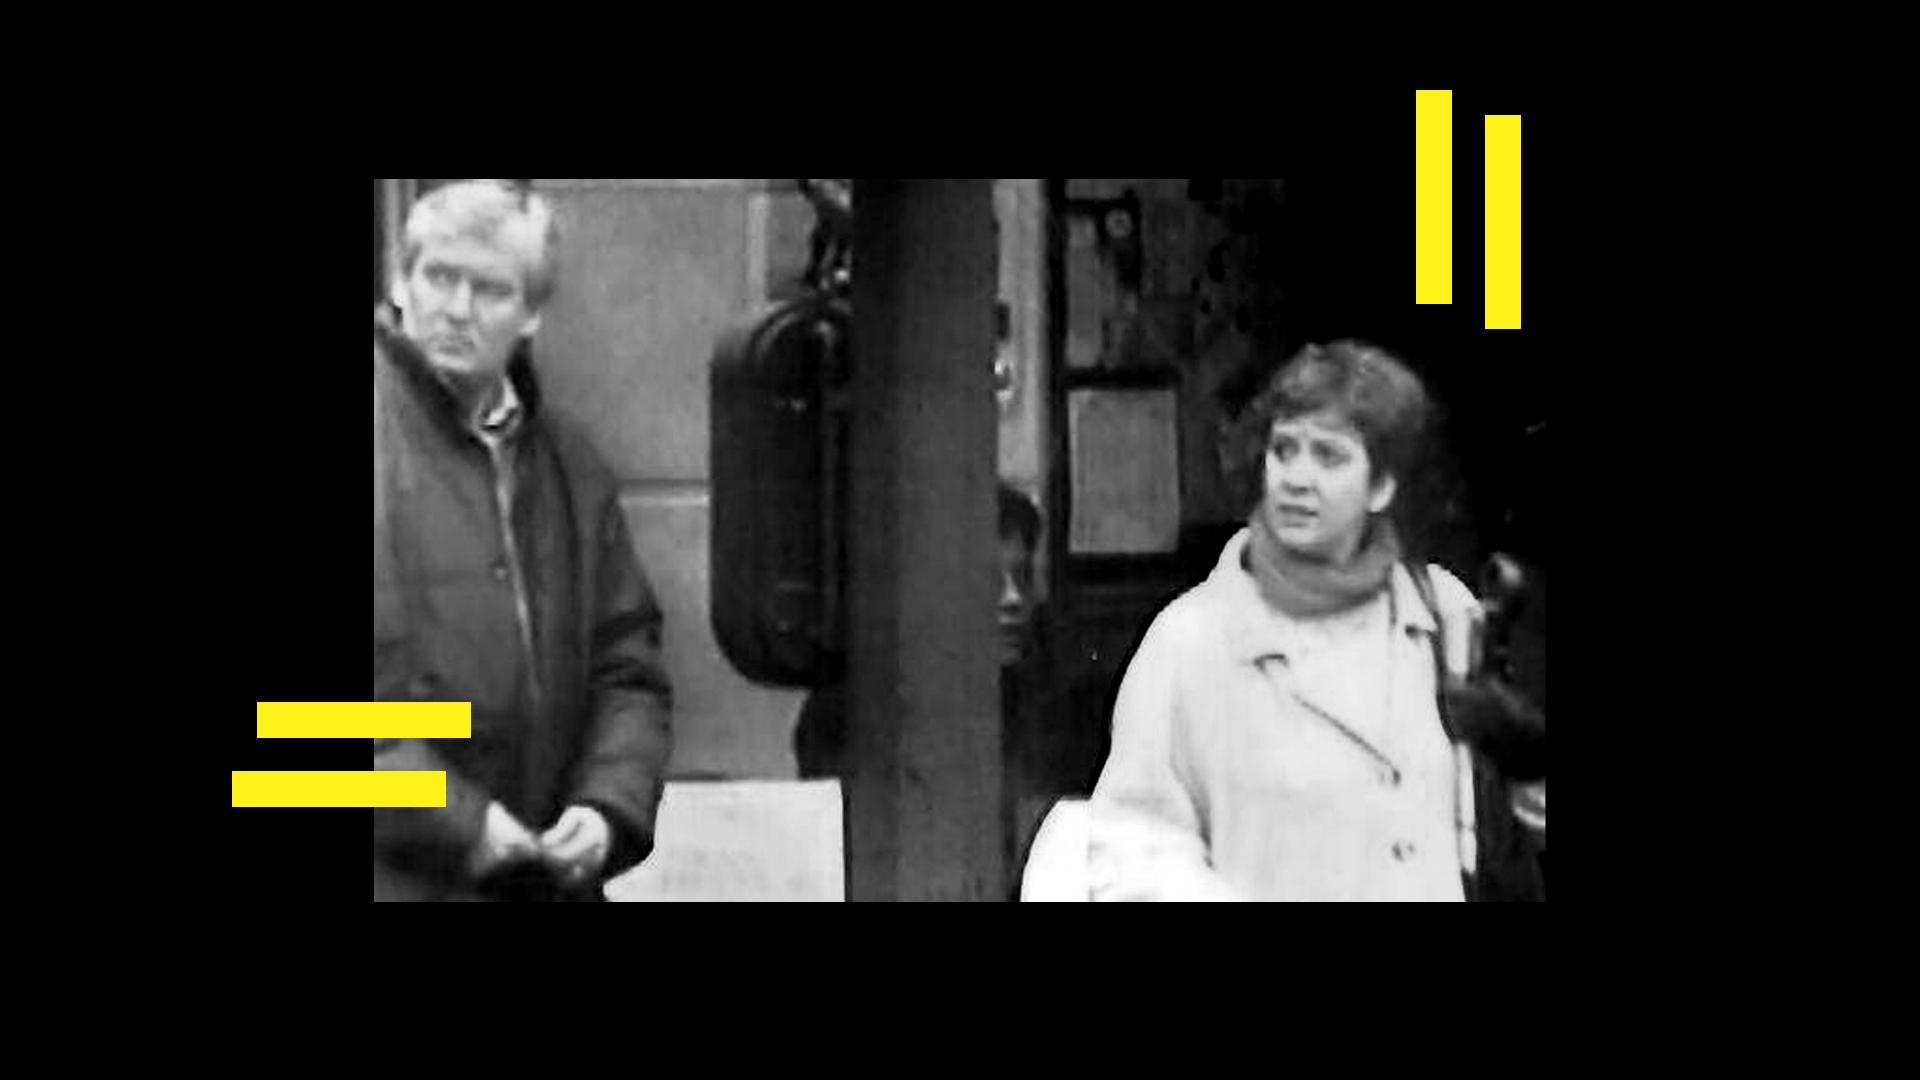 Ilustración de dos de los integrantes del IRA, con quien tenía relación la banda terrorista